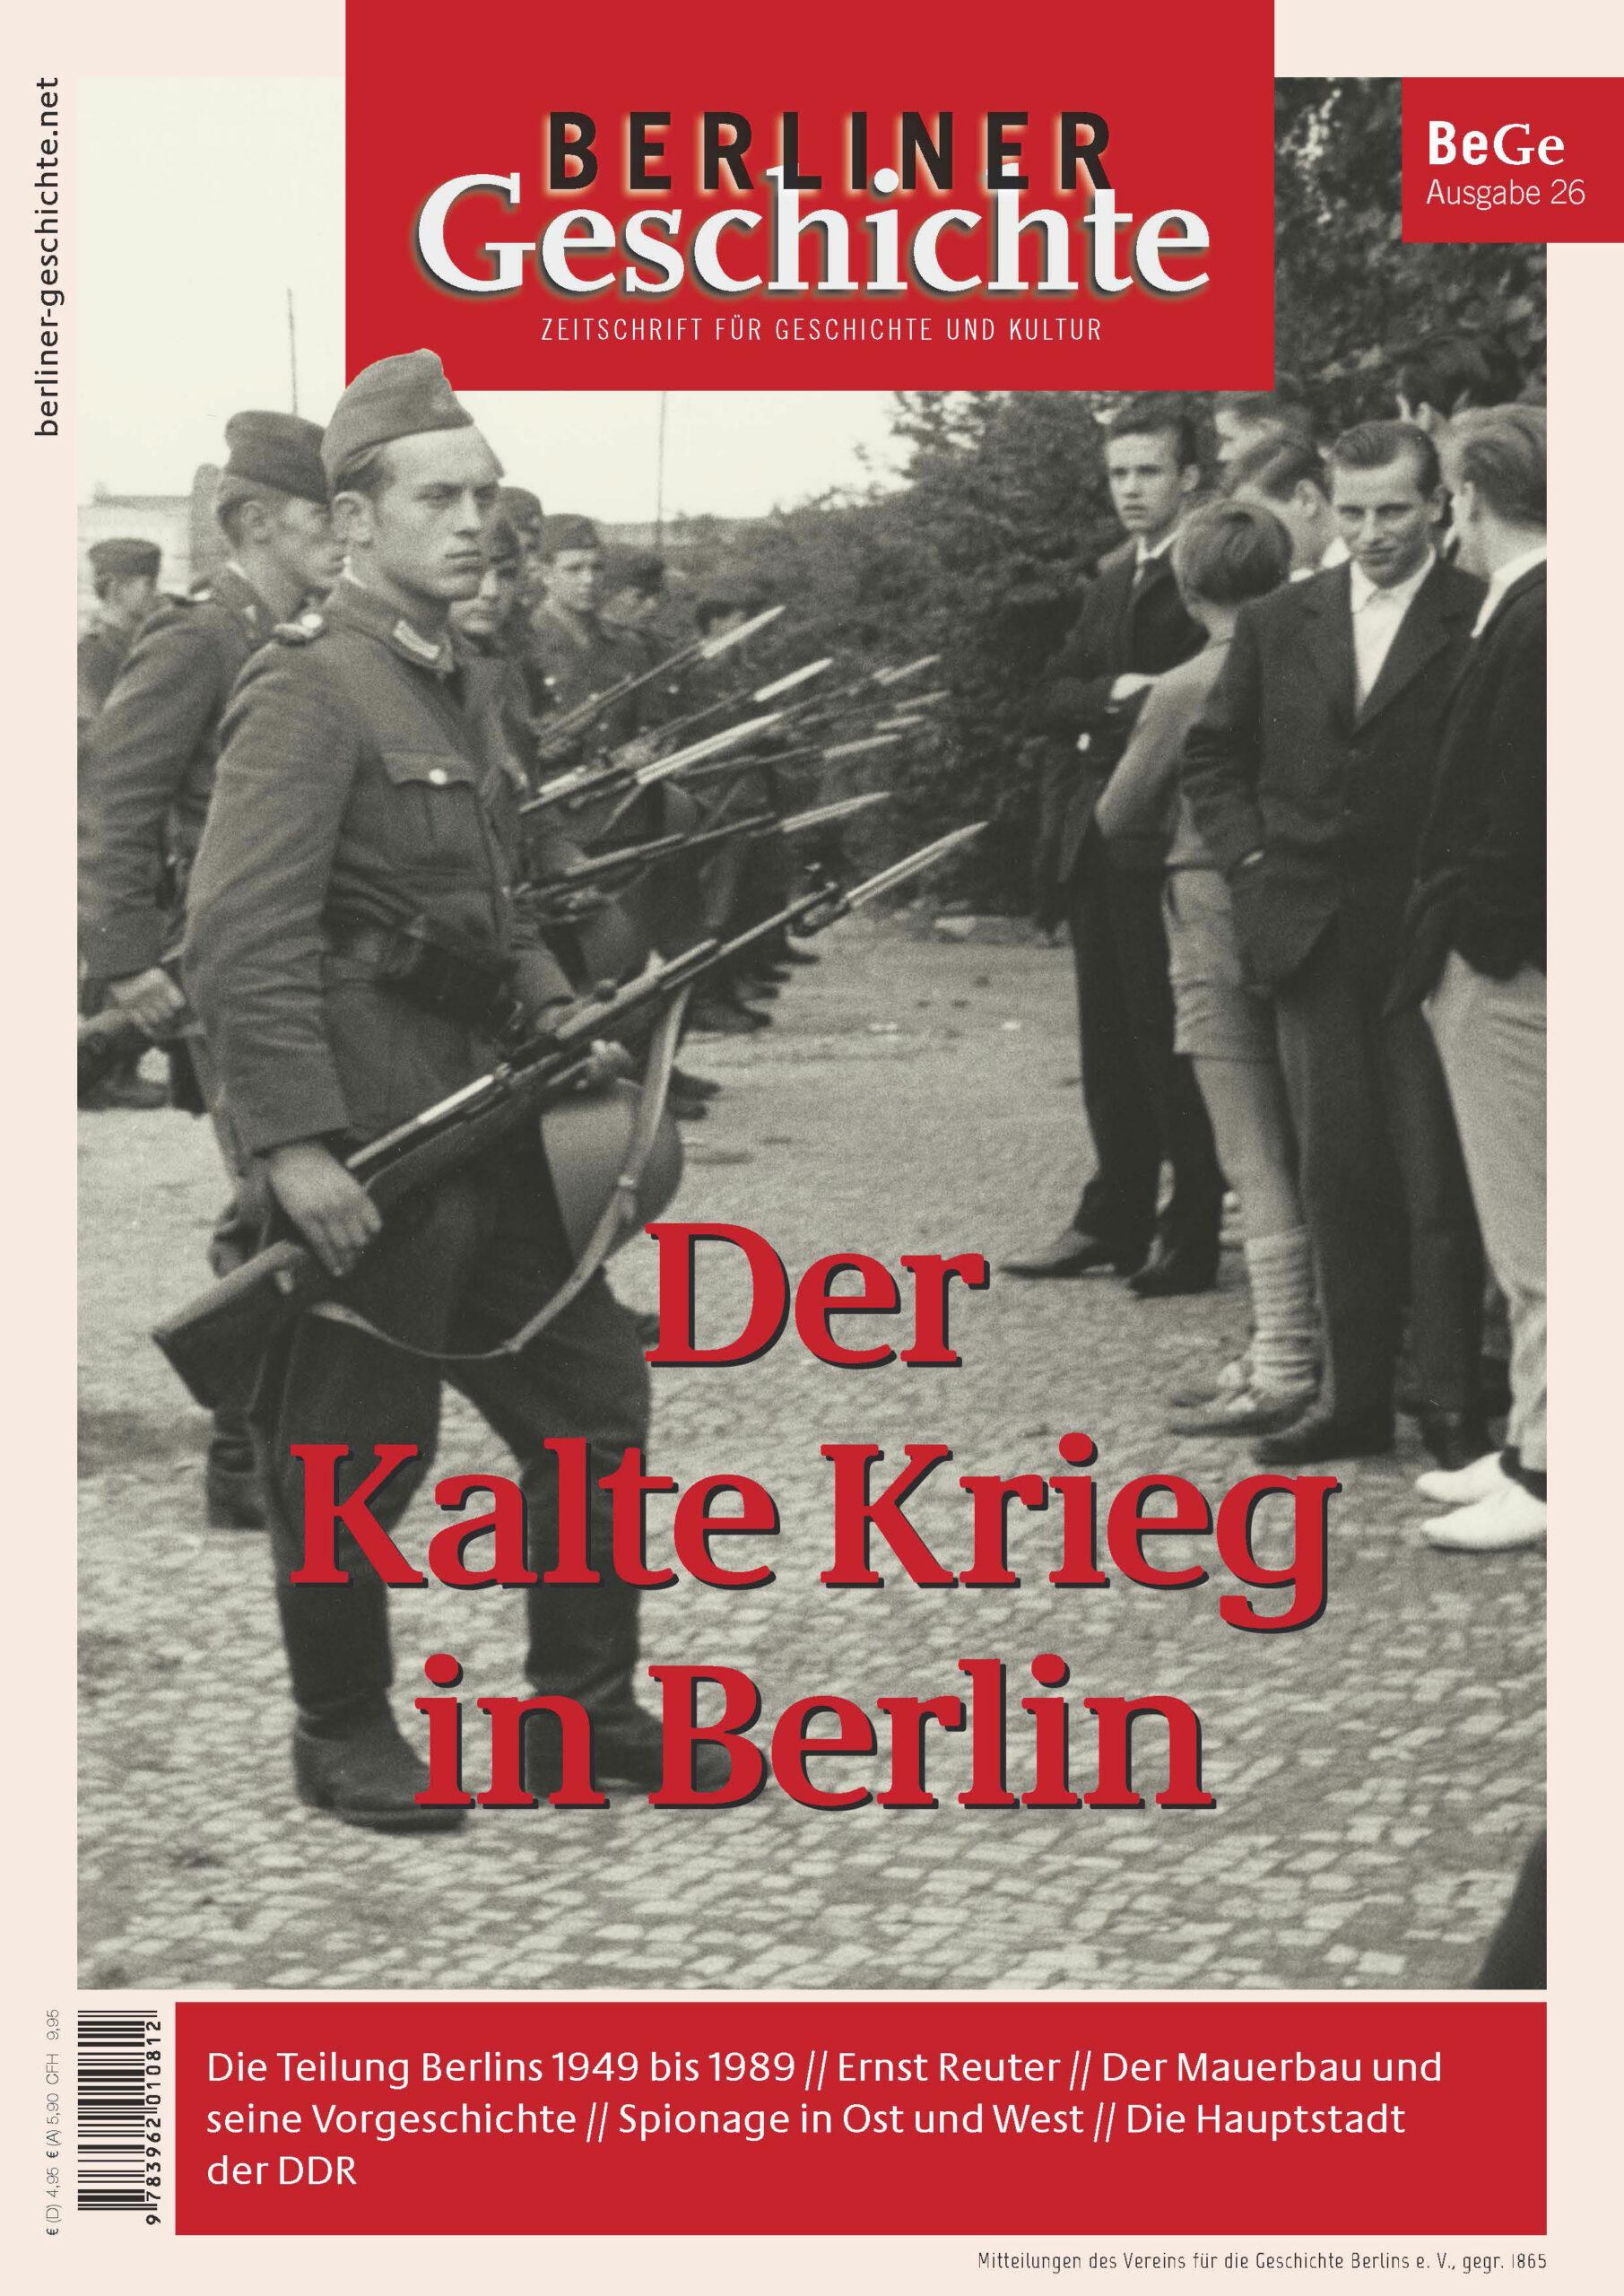 Berlin im kalten Krieg Zeitschrift